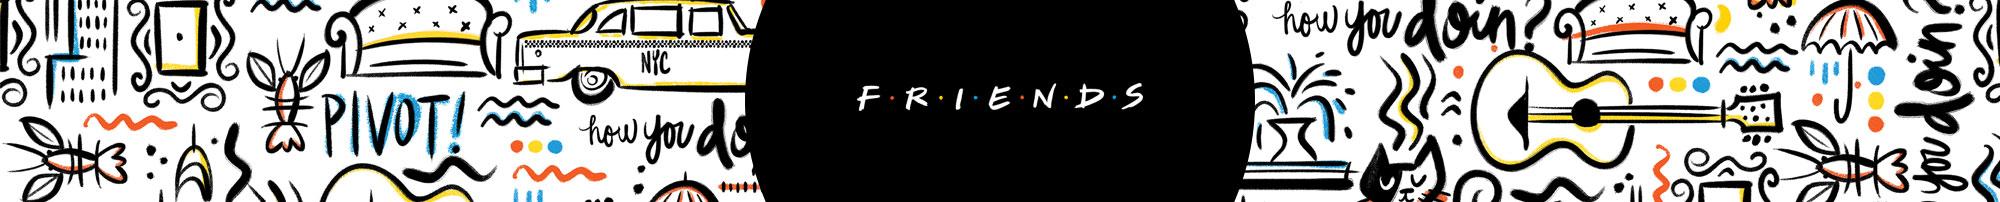 Coleção Friends